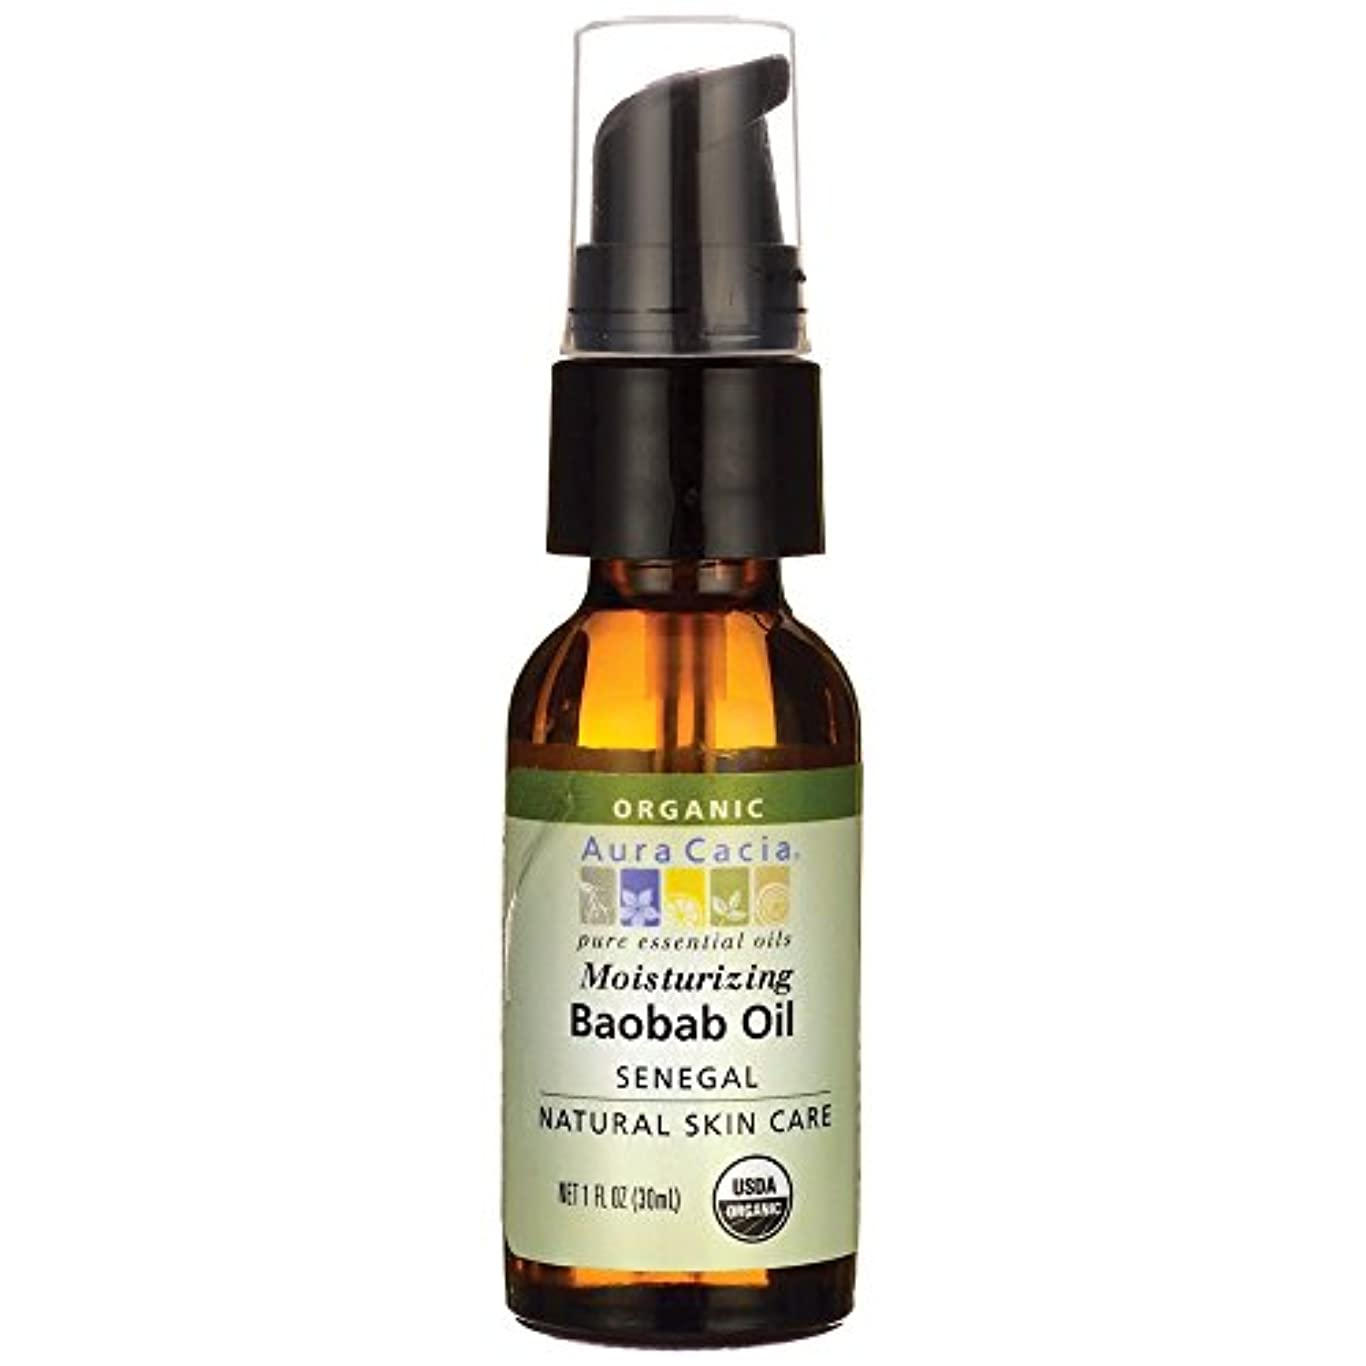 ベースピアースダイバー[海外直送品] Aura Cacia オーガニック バオバブ オイル 30ml Organic Baobab Oil 1 fl oz [ヘルスケア&ケア用品]